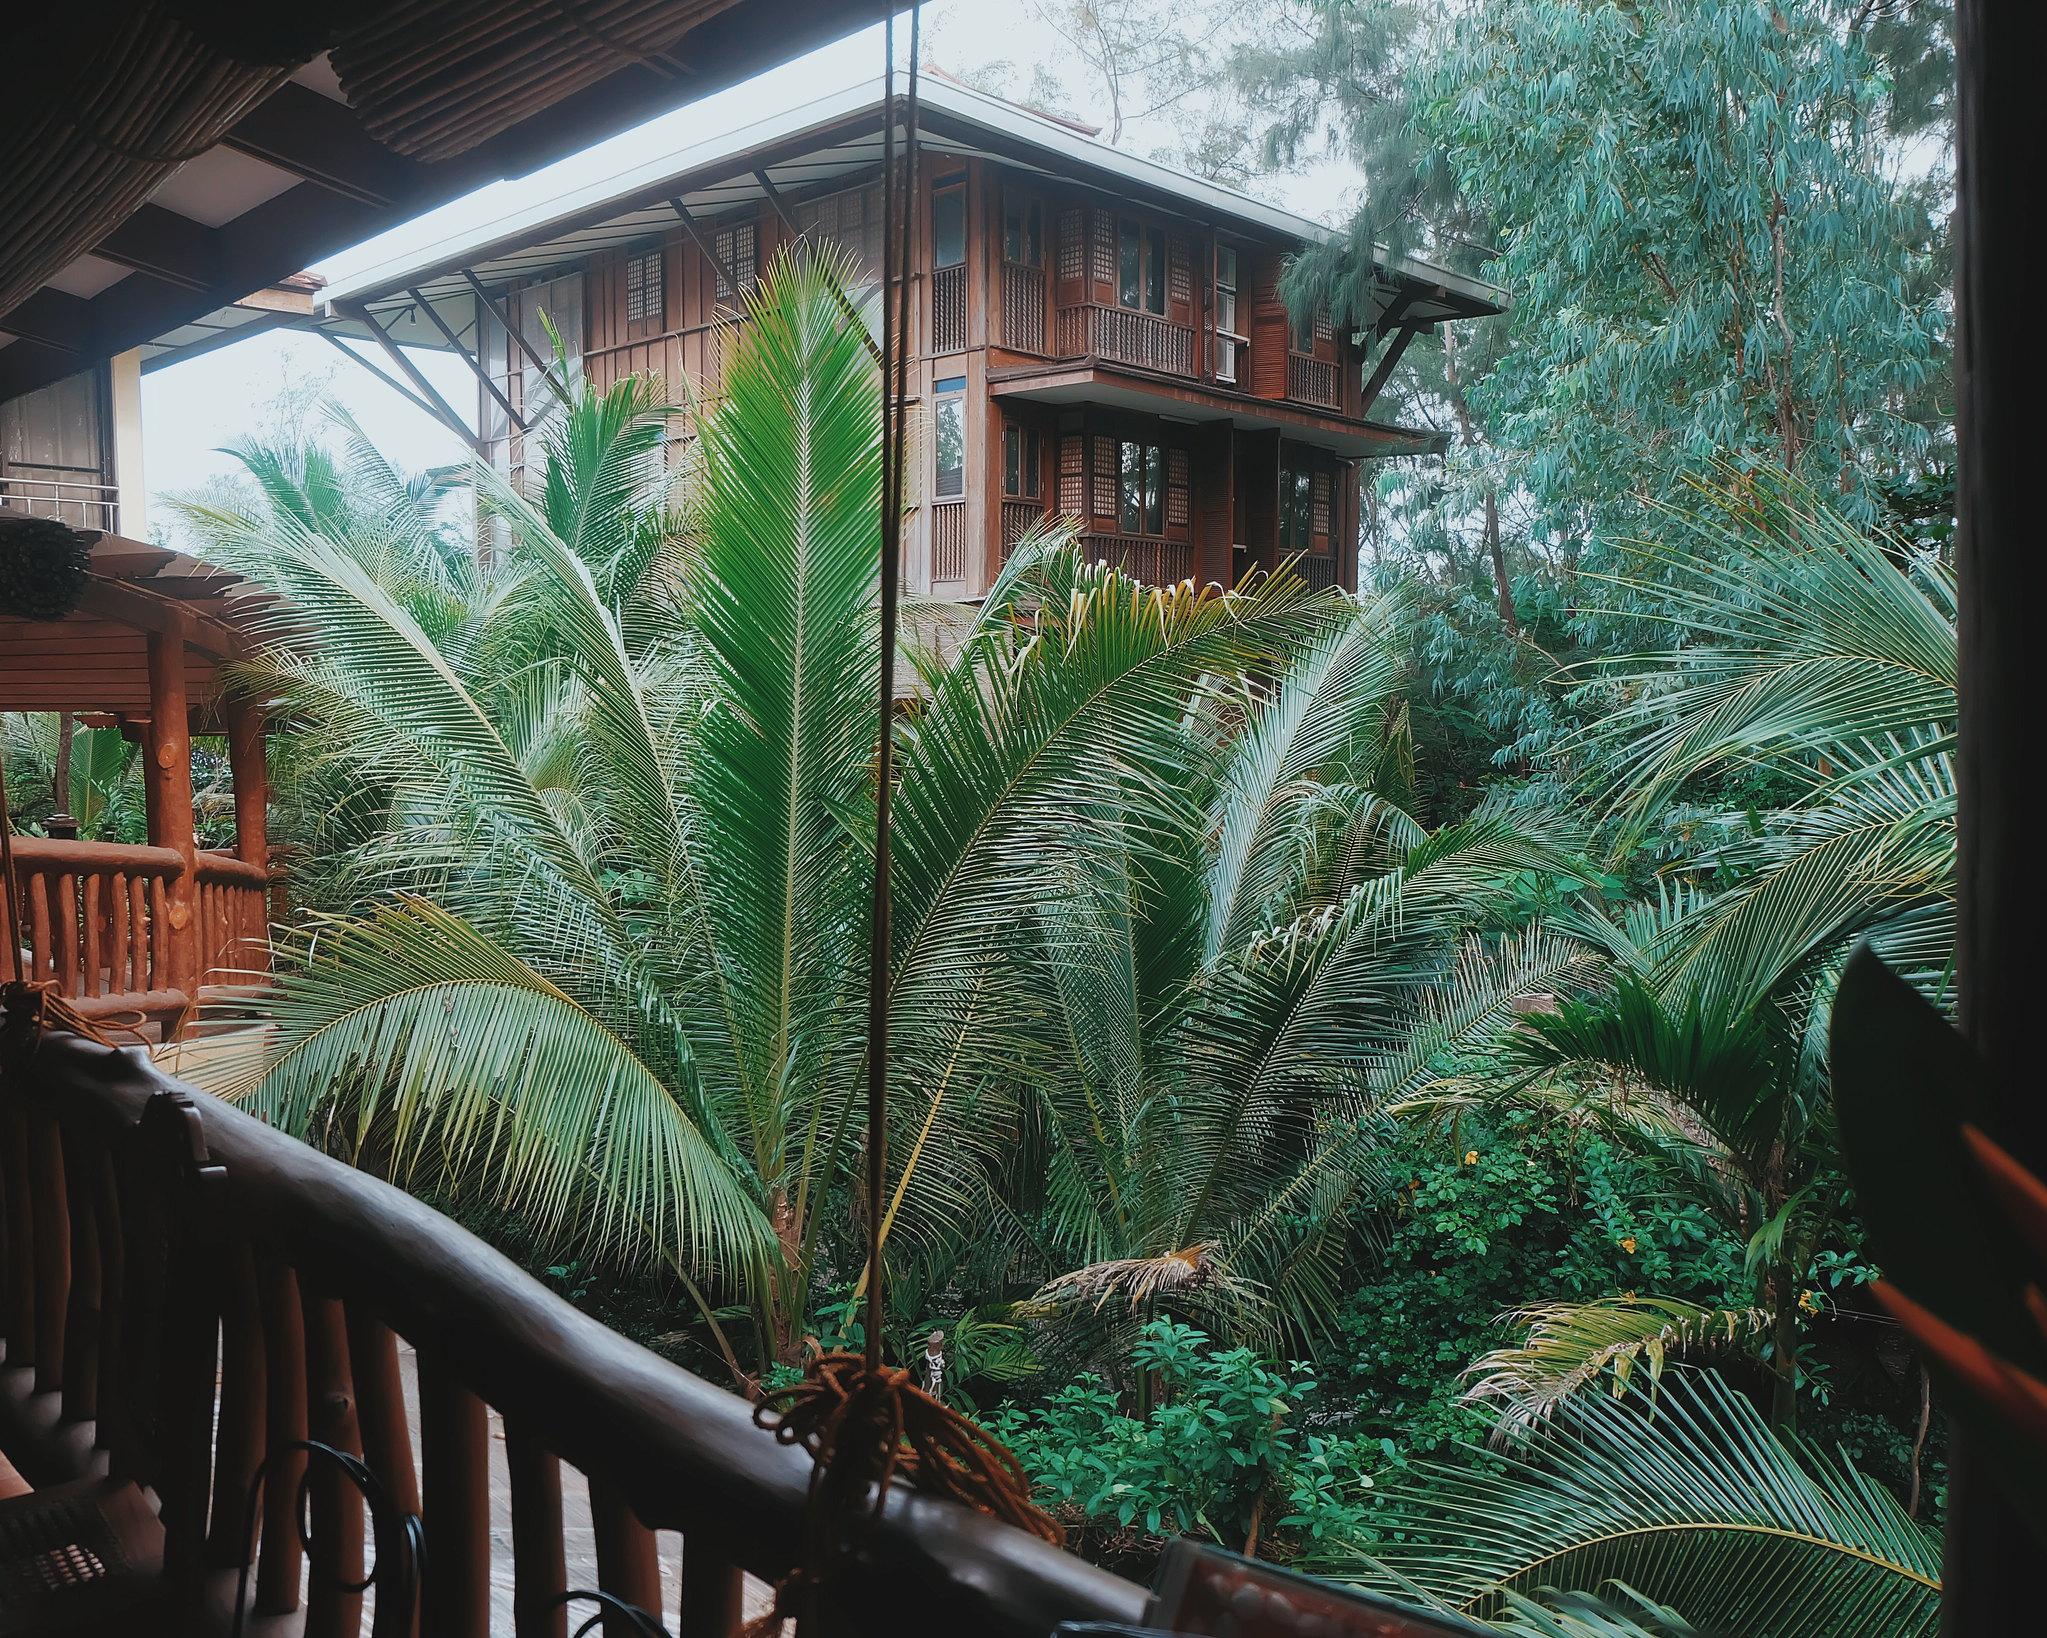 Macampao Beach Resort in Cabangan, Zambales